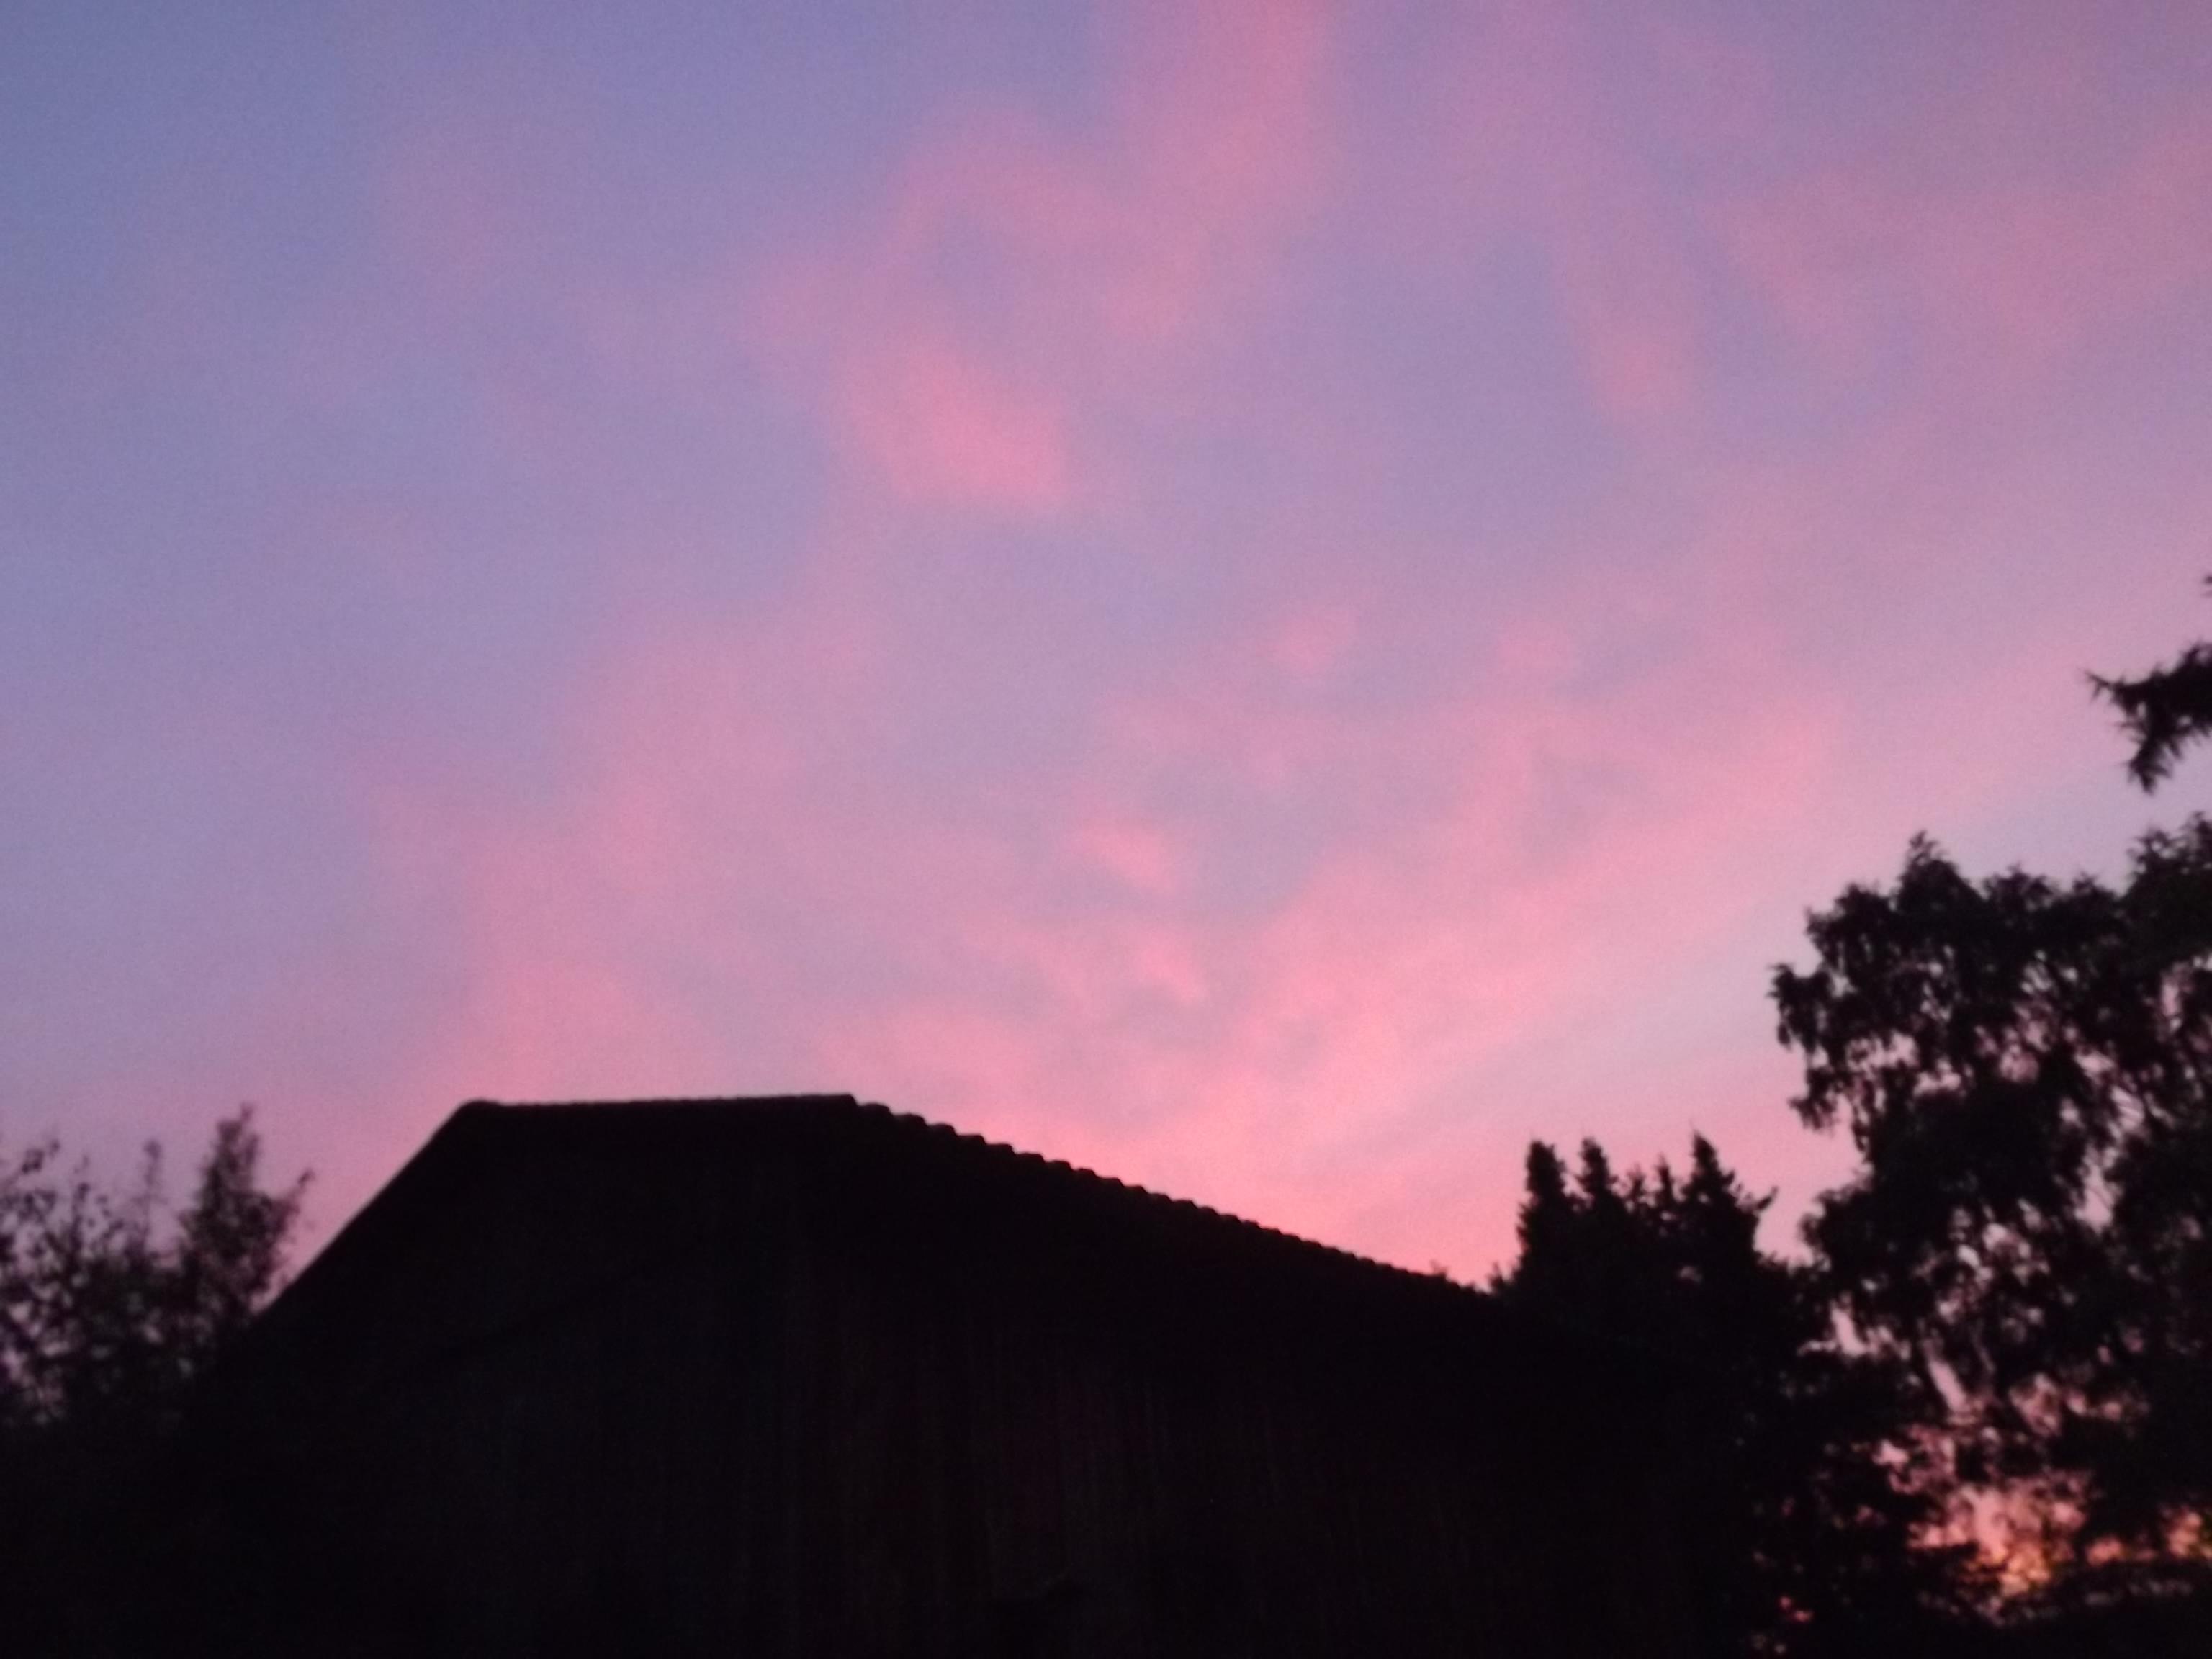 6266-himmel-wolken-rosa-blau-silhouette